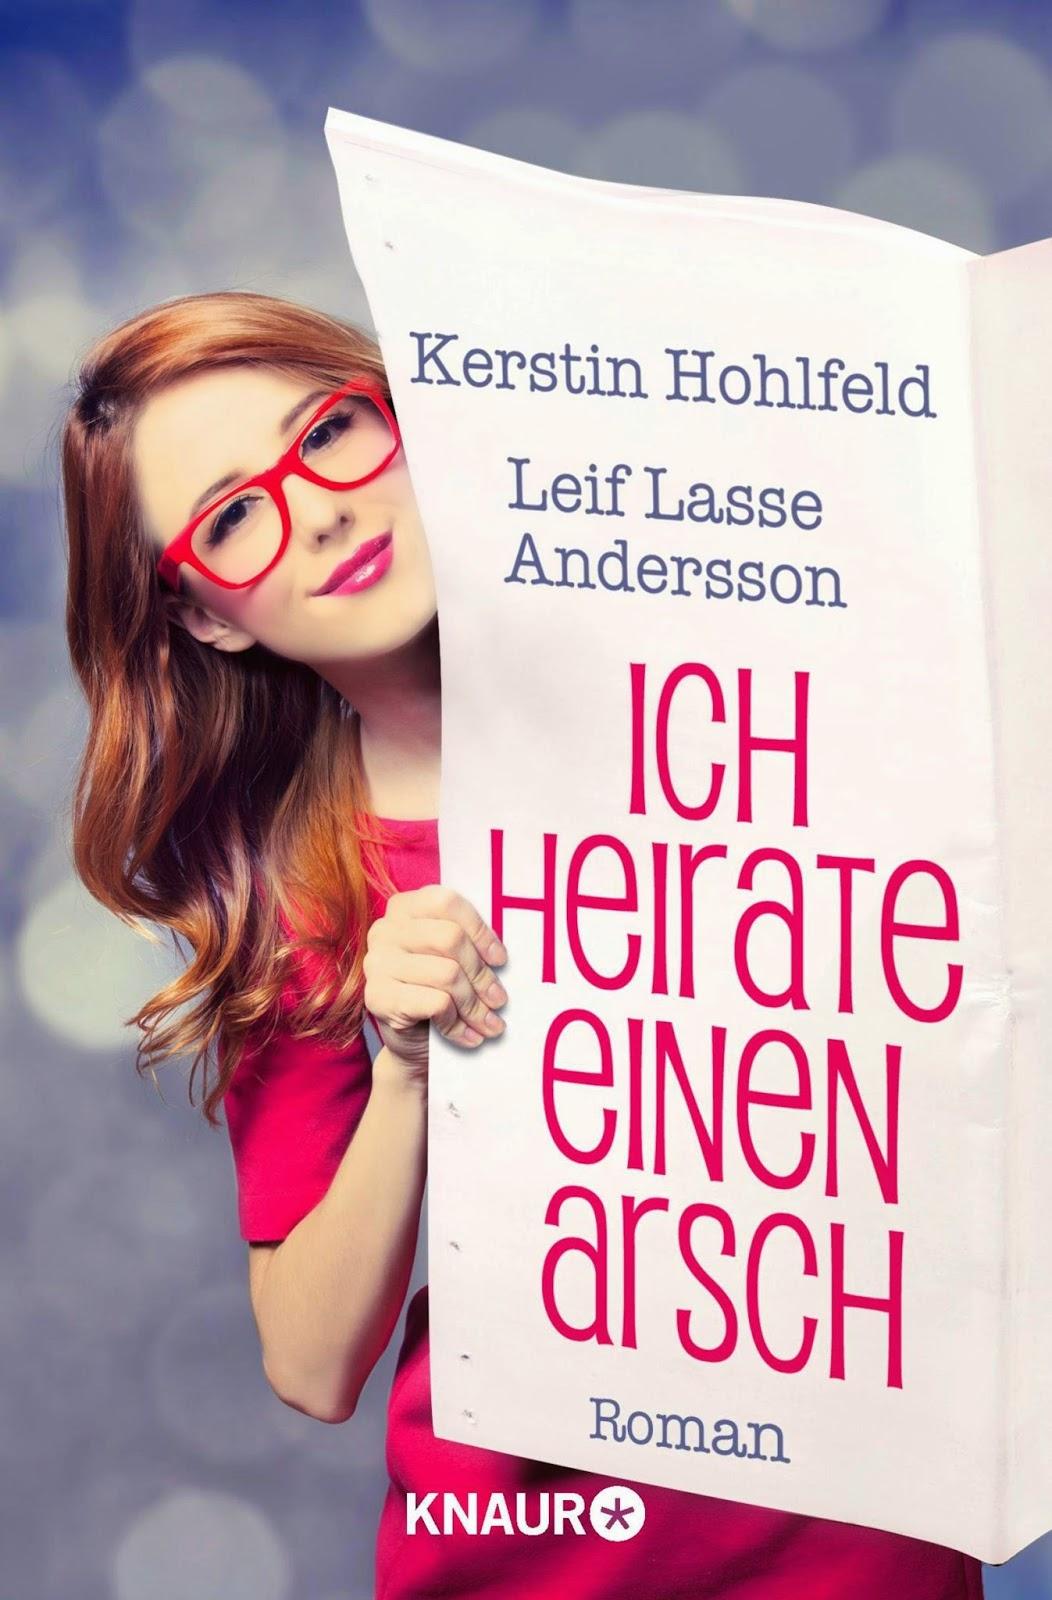 http://www.amazon.de/Ich-heirate-einen-Arsch-Roman/dp/3426516349/ref=sr_1_1?s=books&ie=UTF8&qid=1421222508&sr=1-1&keywords=Ich+heirate+einen+Arsch